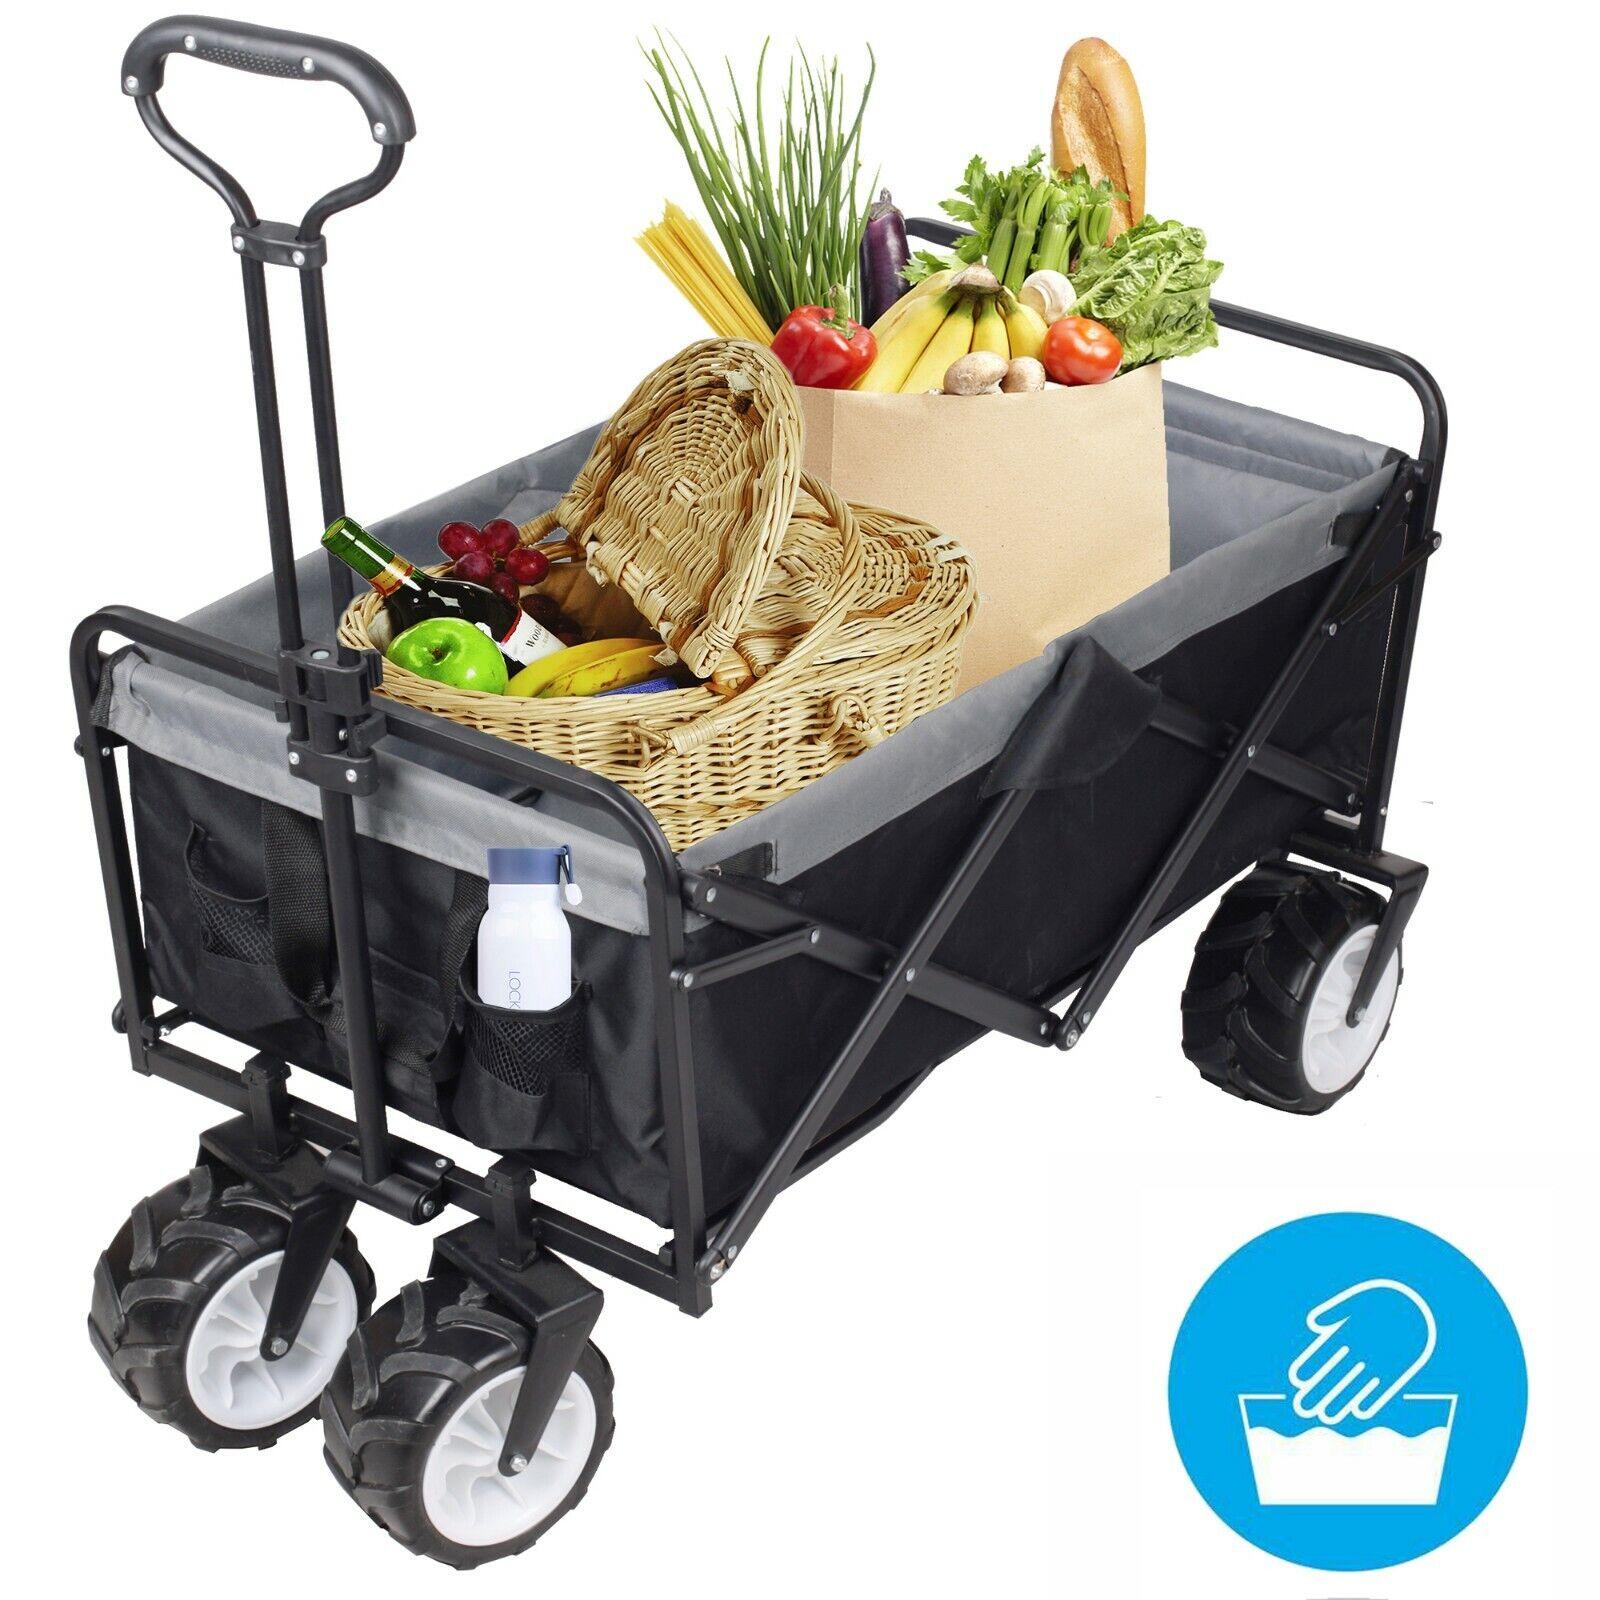 Faltbarer Bollerwagen Handwagen Offroad Strandwagen Transportwagen Gartenwagen